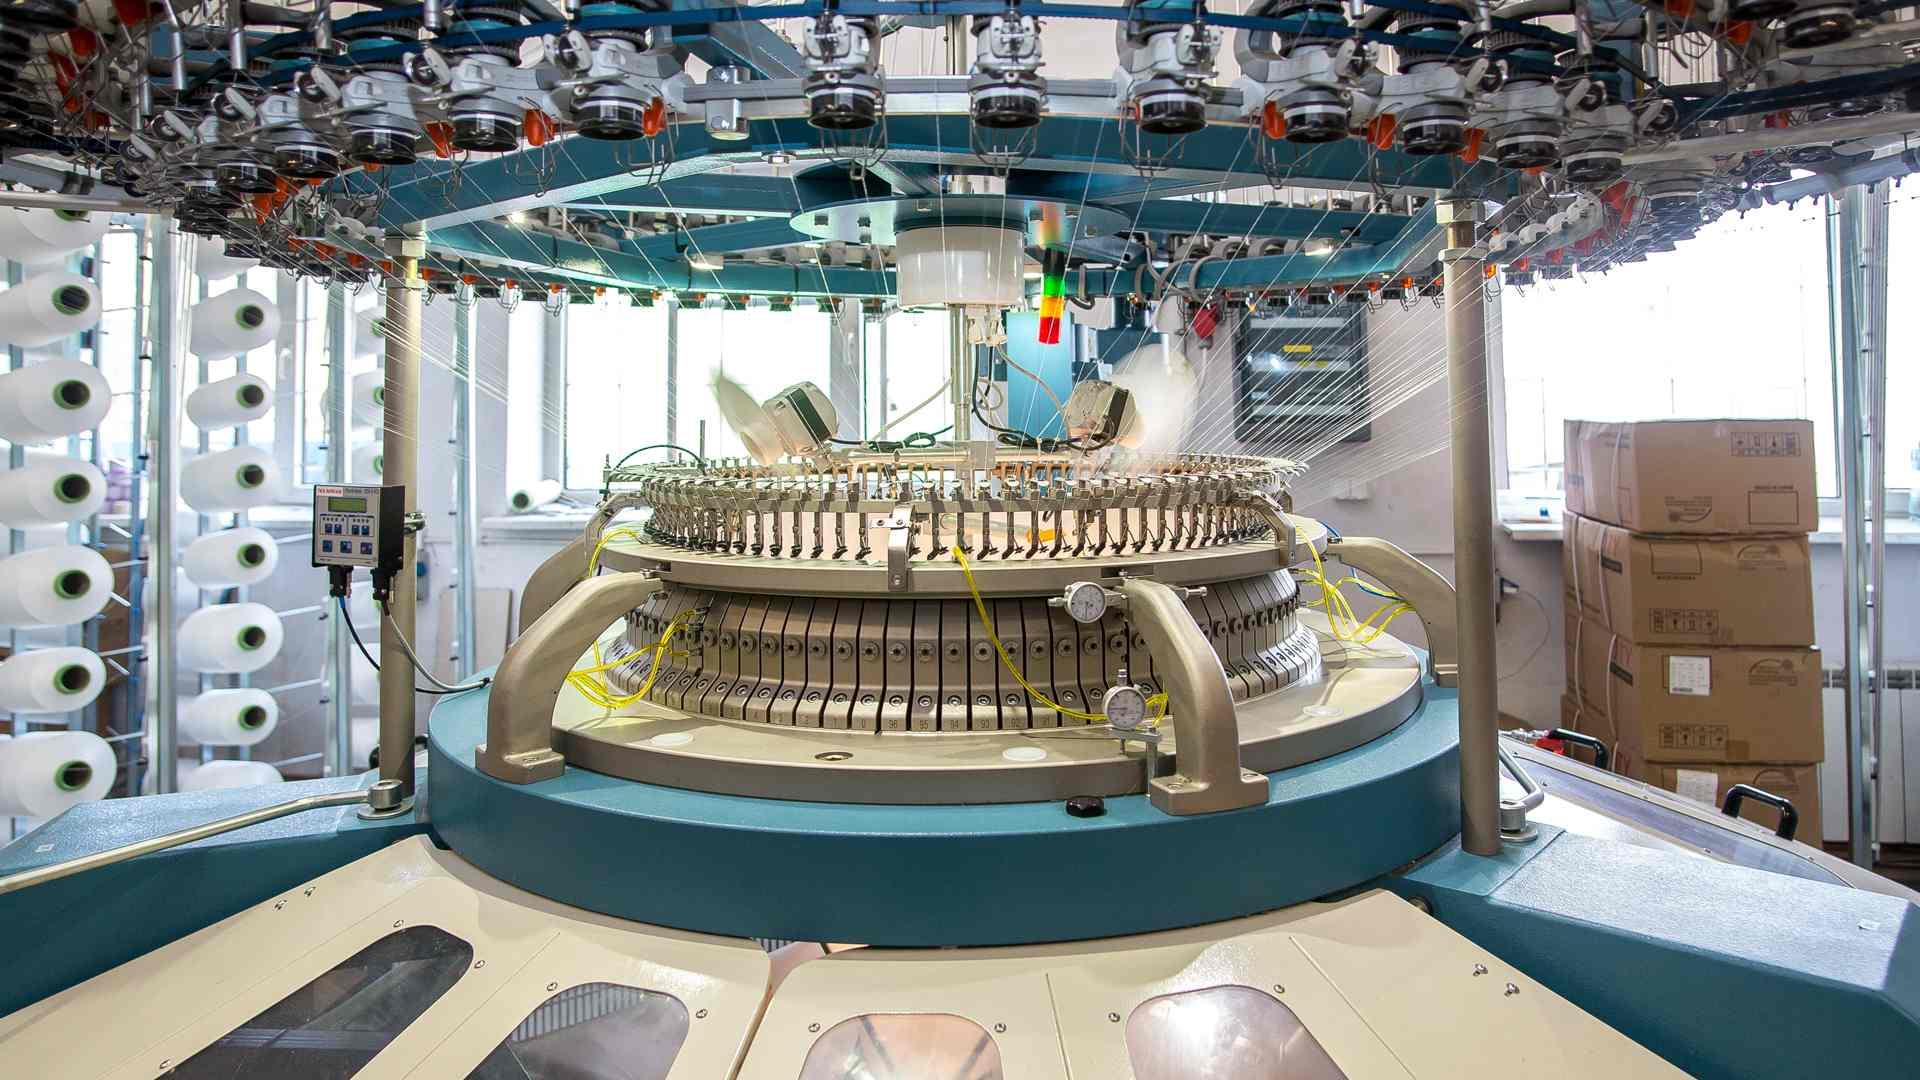 grafika przedstawiająca maszynę